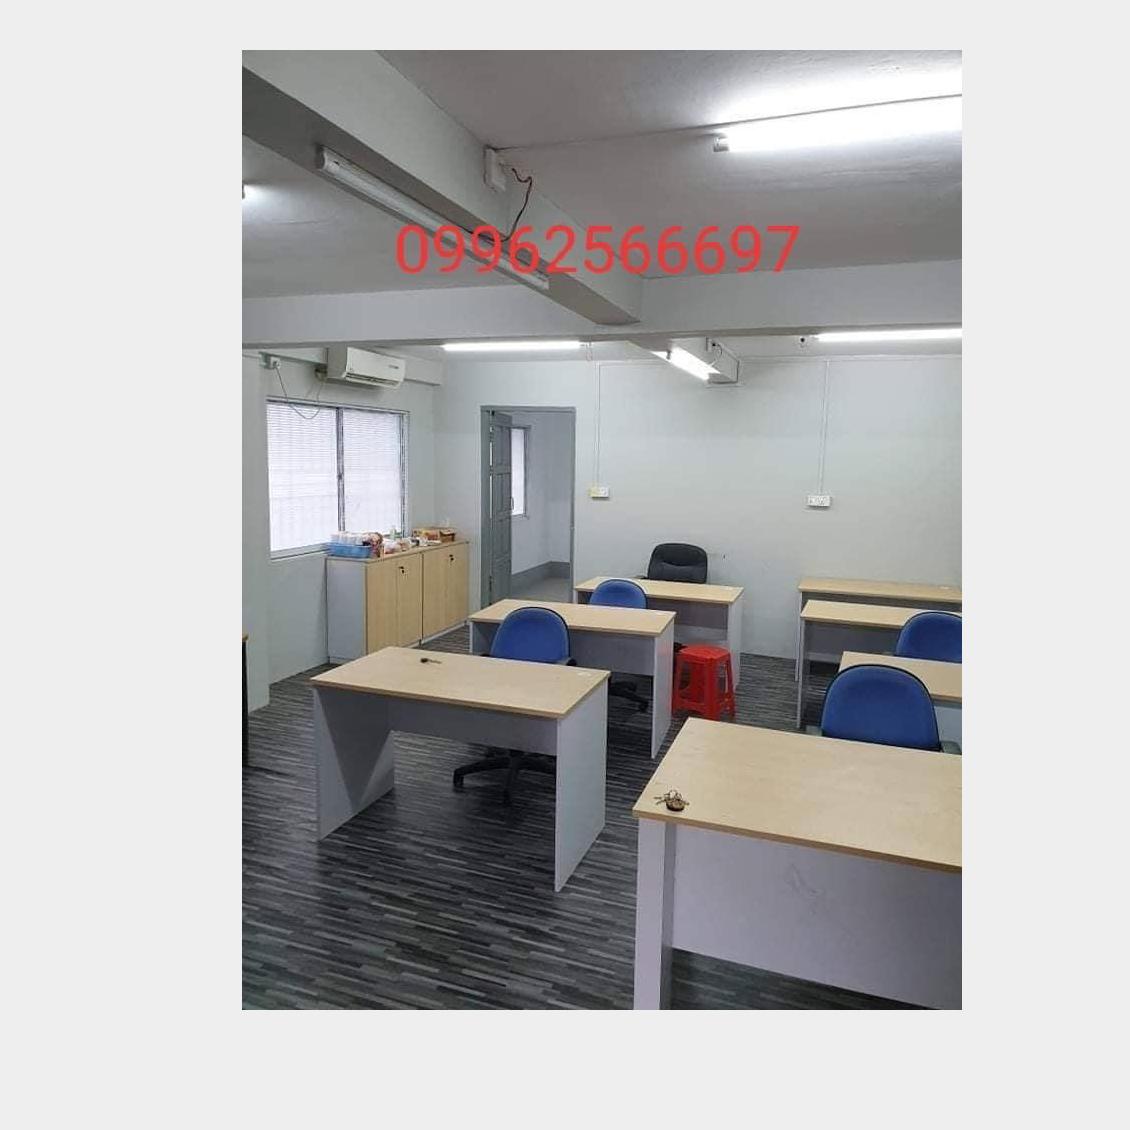 ရုံးခန်းဖွင့်ရန်အခန်း Image, ရုံး classified, Myanmar marketplace, Myanmarkt